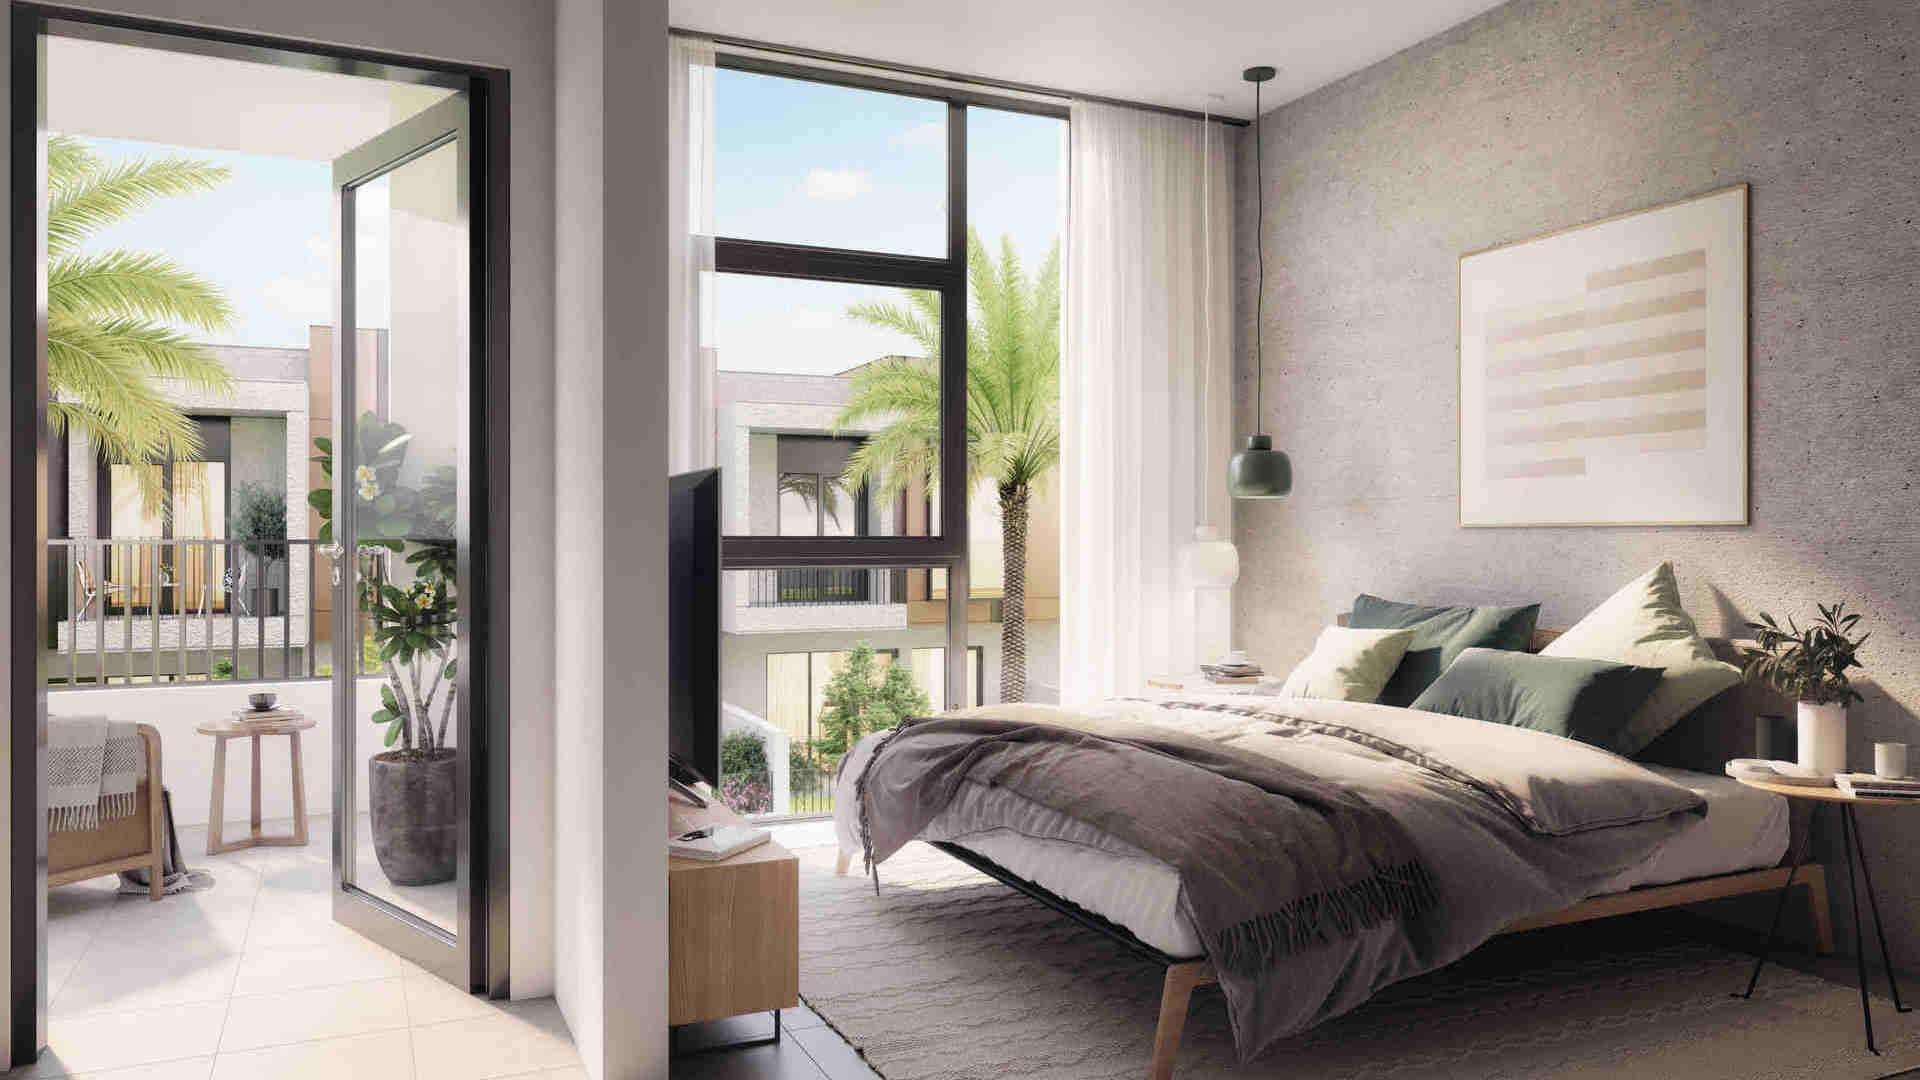 Villa en venta en Dubai, EAU, 4 dormitorios, 228 m2, № 24256 – foto 1